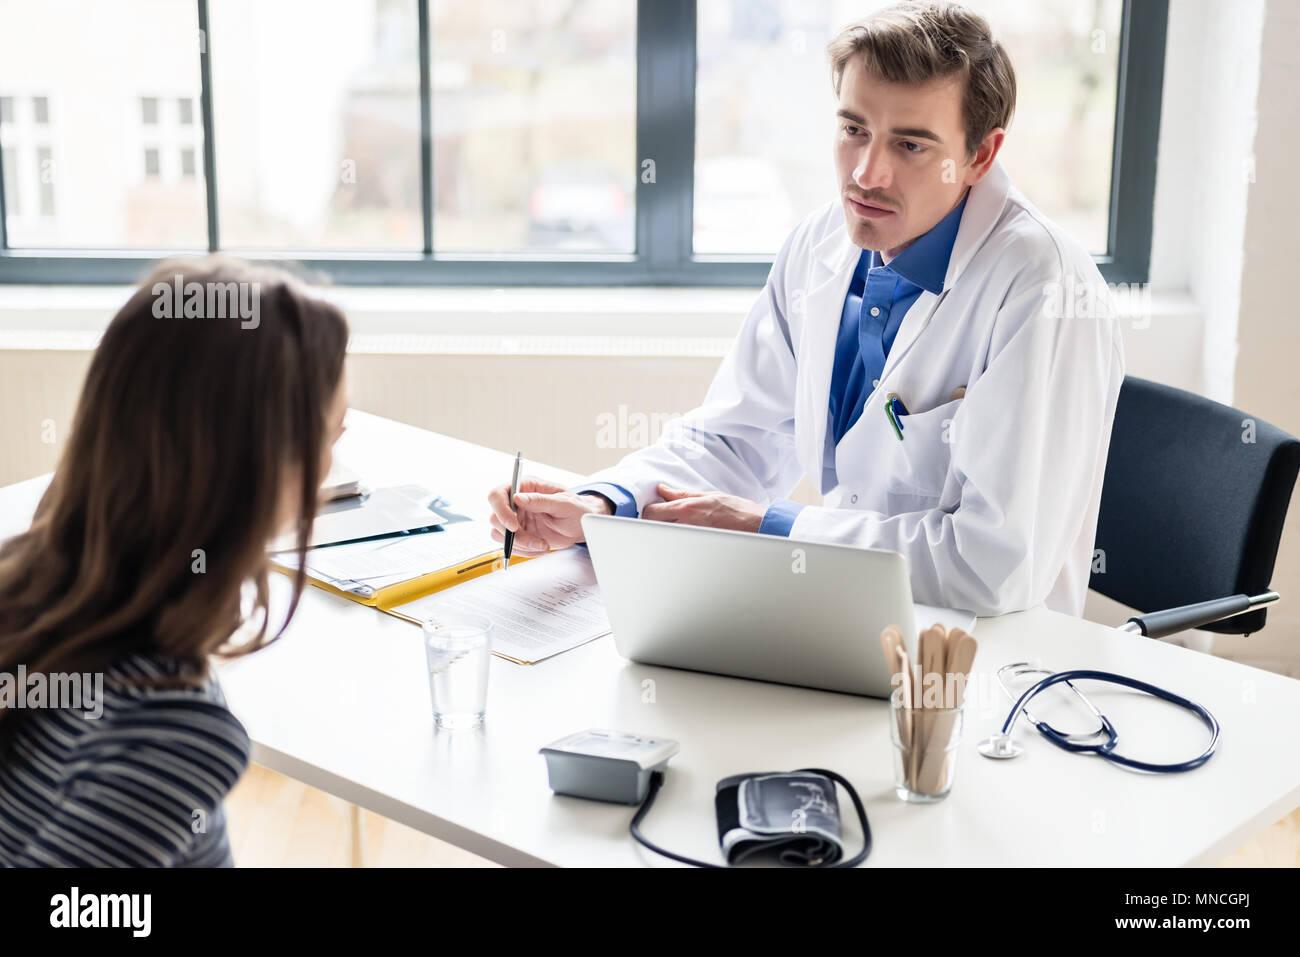 Médico joven escuchando a su paciente con respeto y dedicación Imagen De Stock